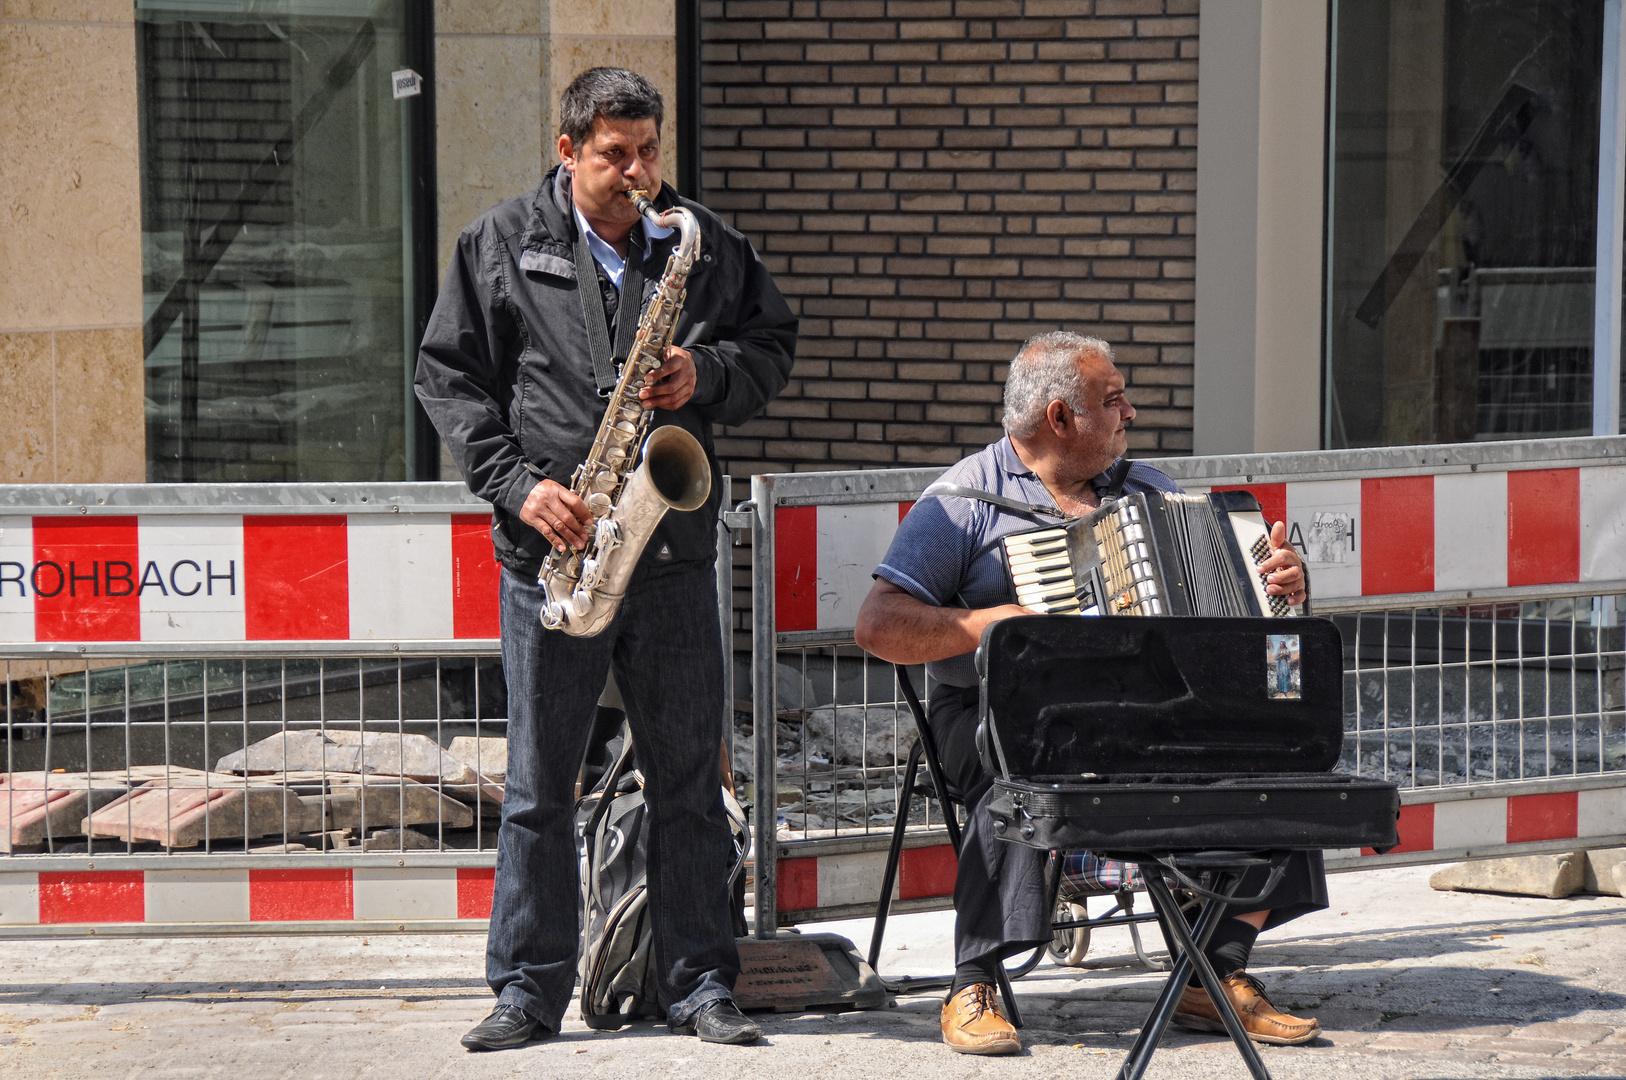 Straßen-Musikanten